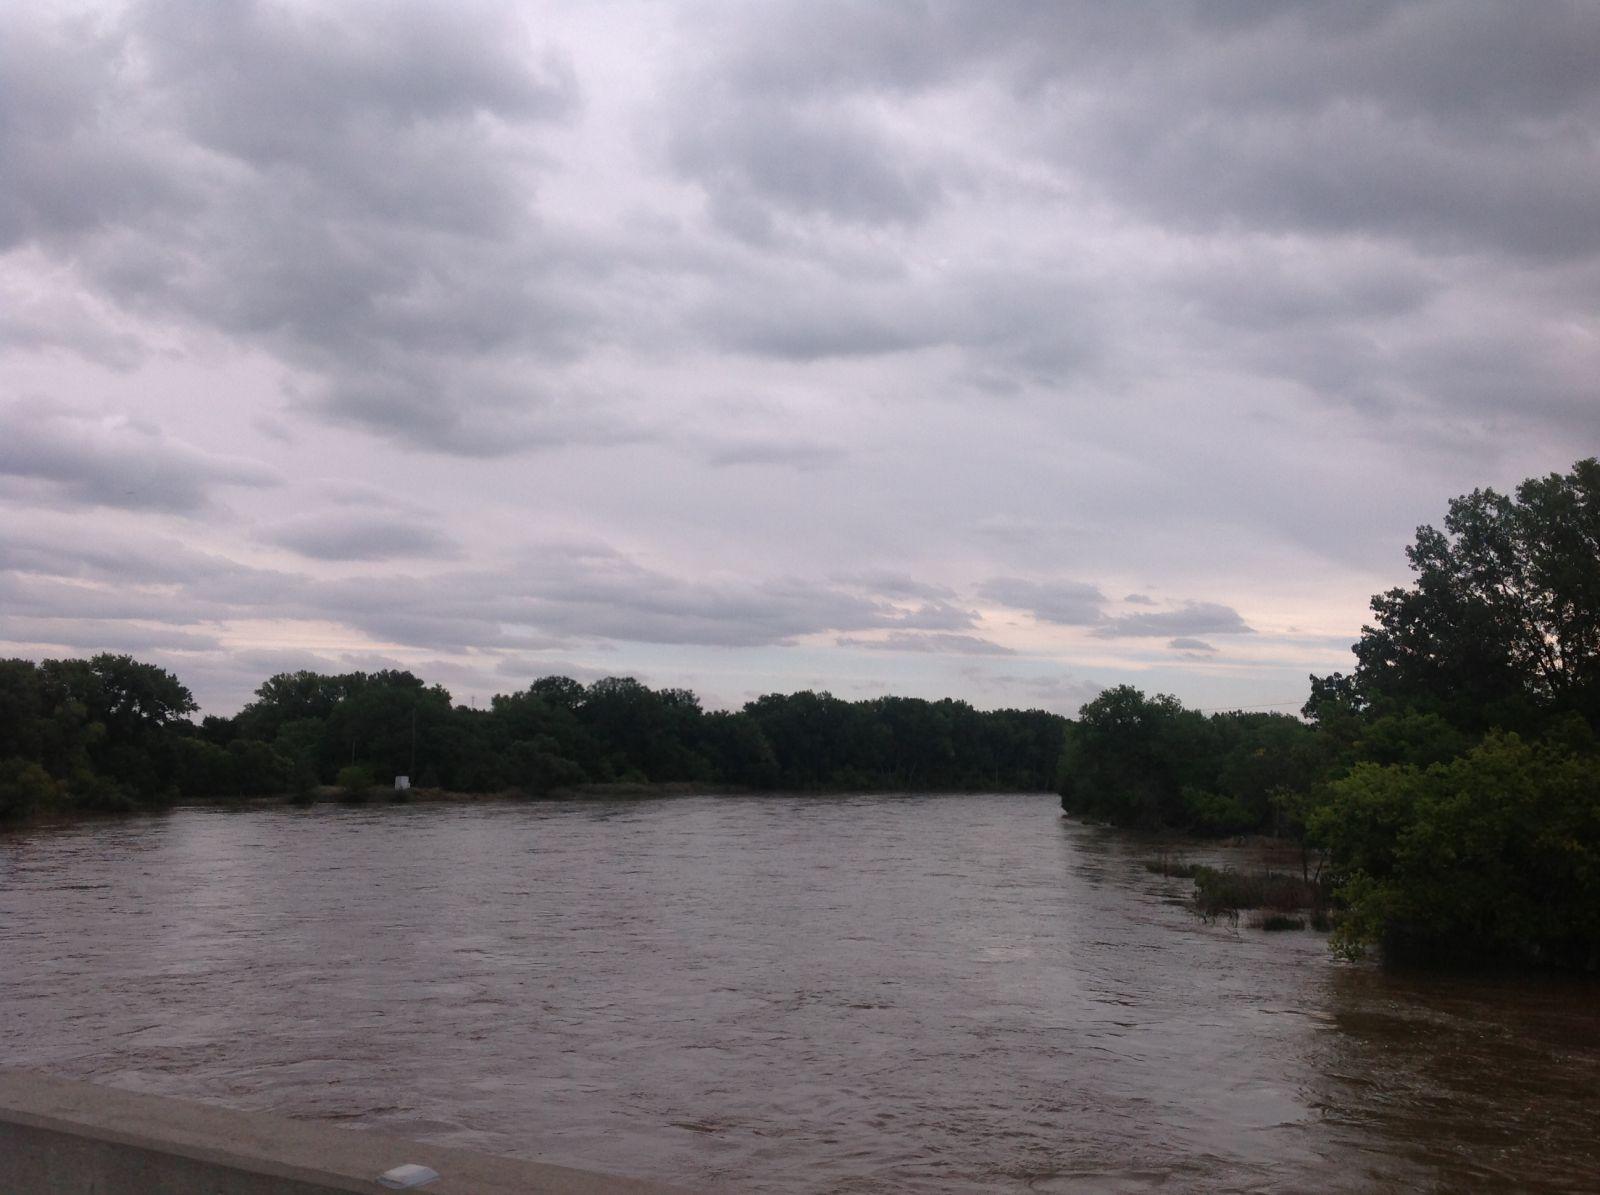 South PlattePlatte River Flooding Of 2013